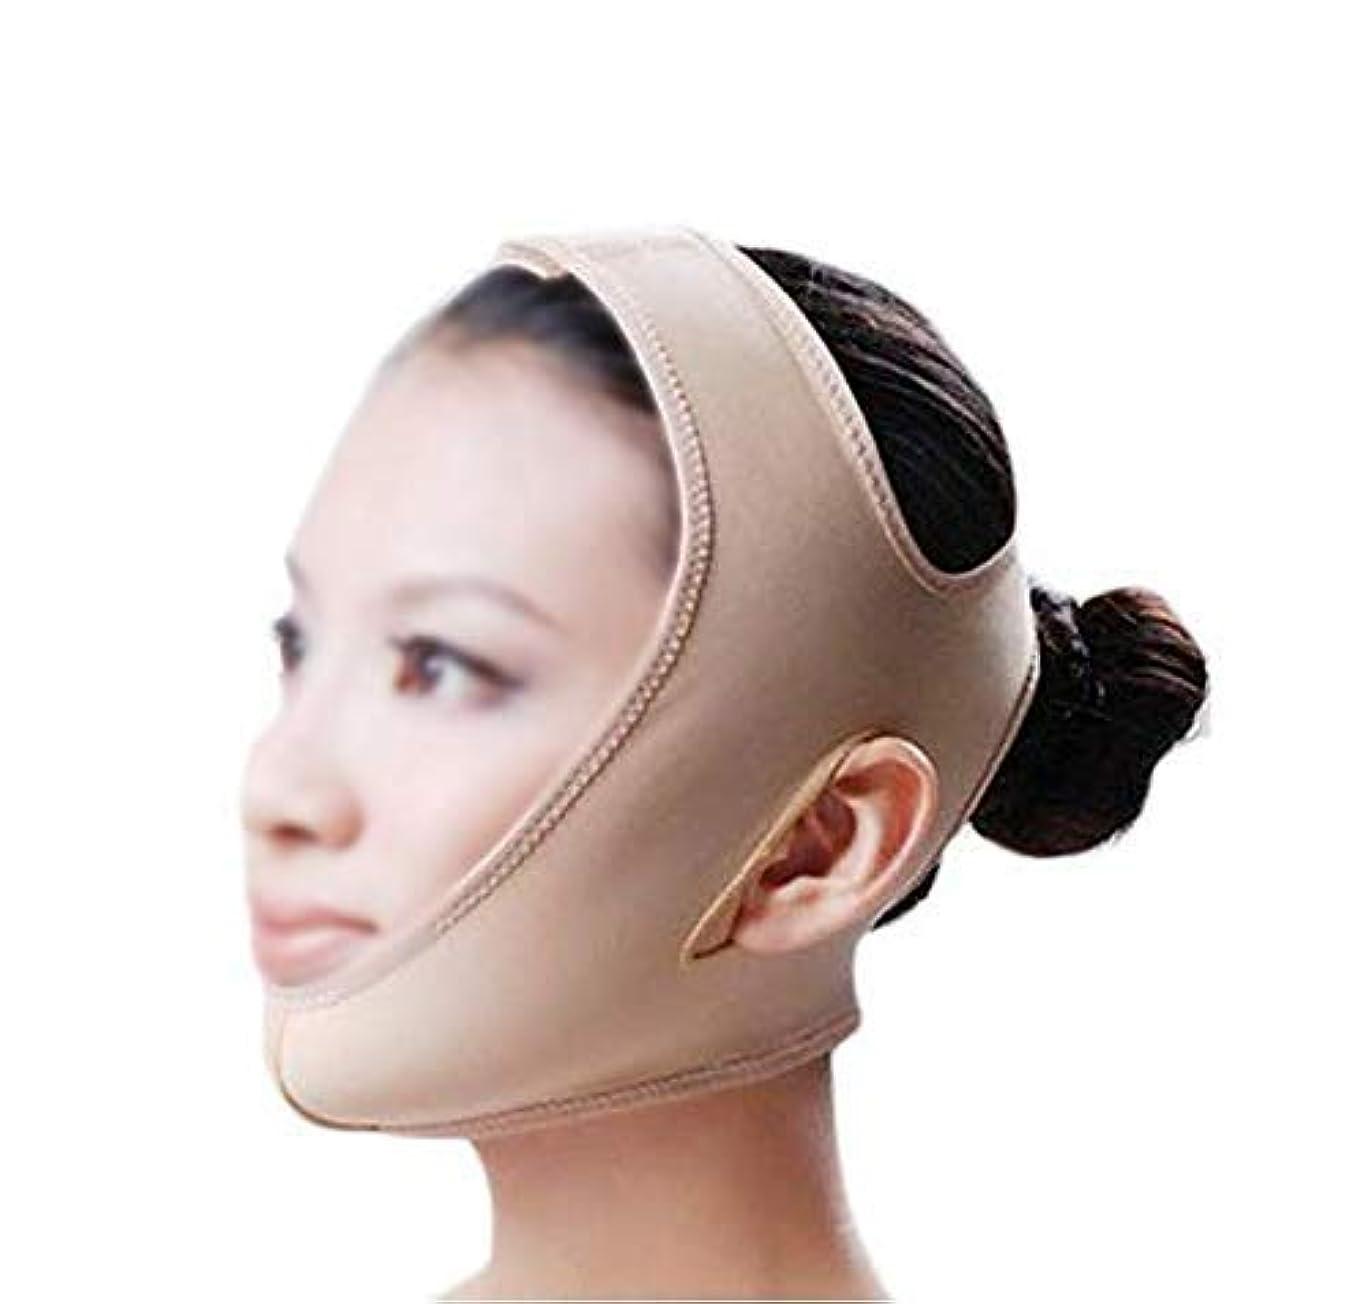 より特定の扱うファーミングフェイスマスク、マスクフェイスマスク美容医学フェイスマスク美容Vフェイス包帯ライン彫刻リフティングファーミングダブルチンマスク(サイズ:S),M